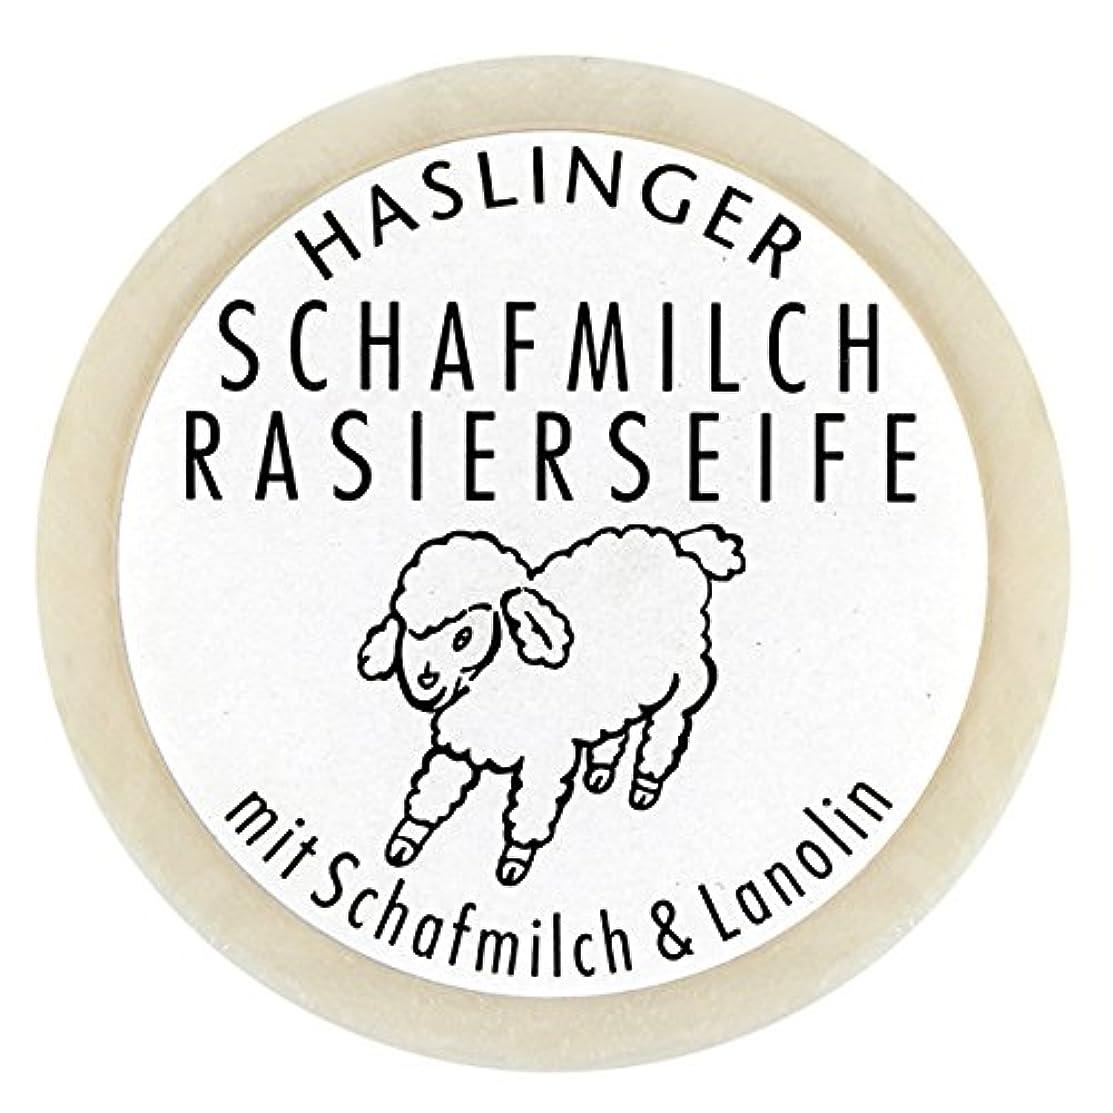 ご予約時折苦Schafmilch Rasierseife (Ewe`s Milk Shave Soap) 60g soap bar by Haslinger by Haslinger